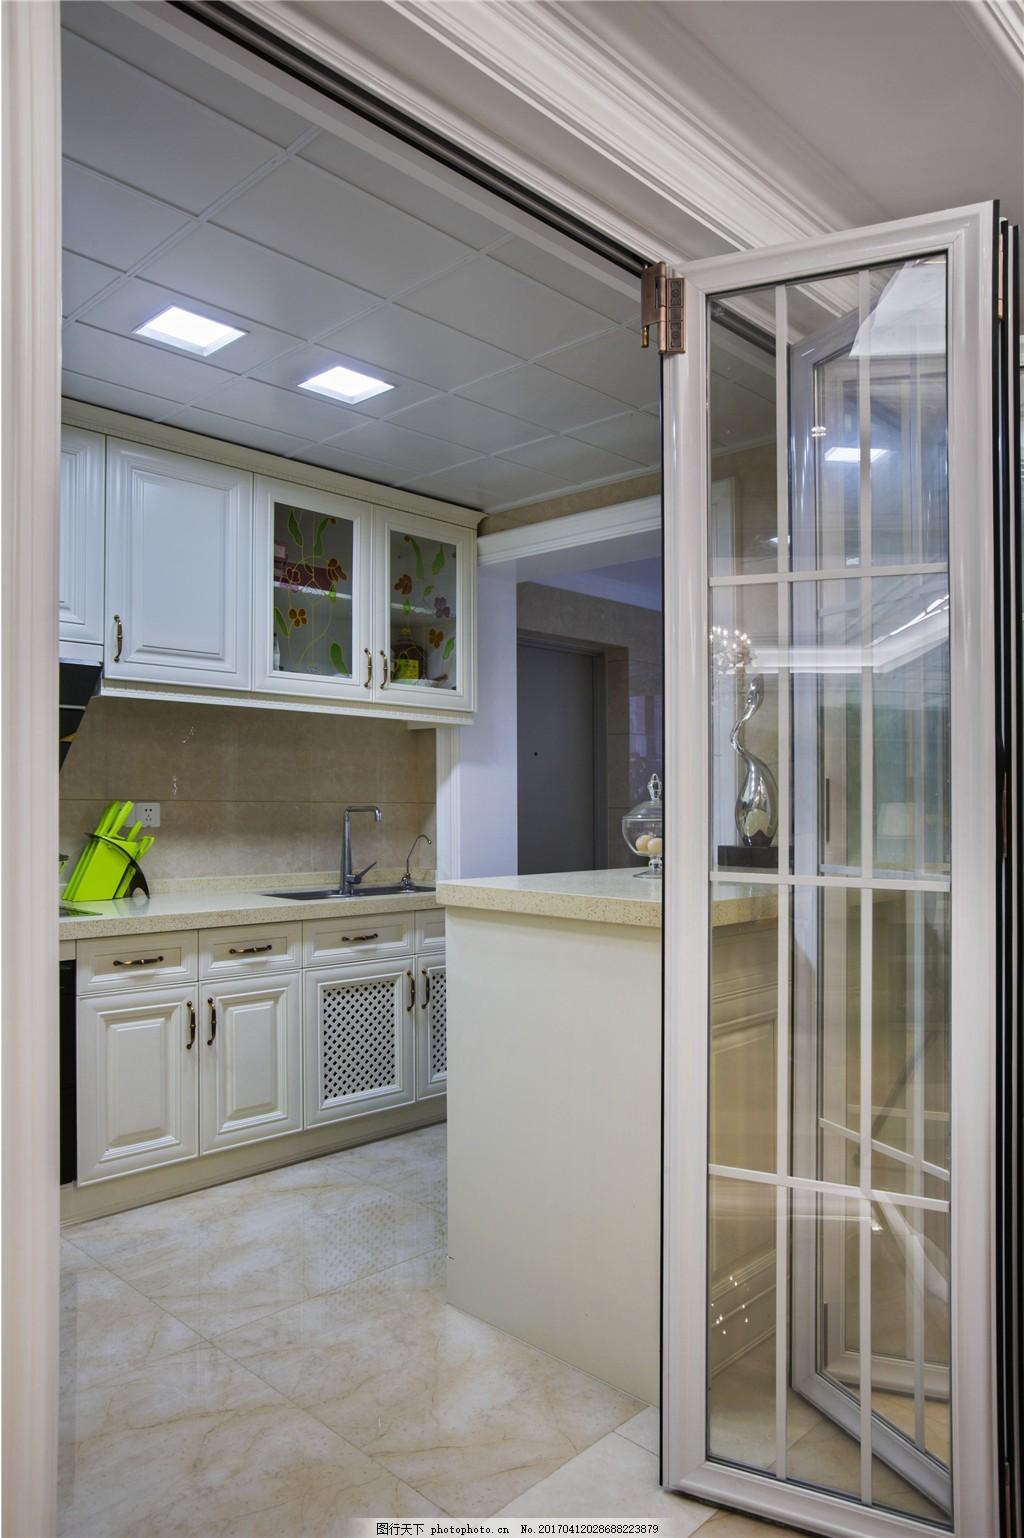 现代厨房室内设计家装效果图 现代      室内设计 家装效果图 玻璃门